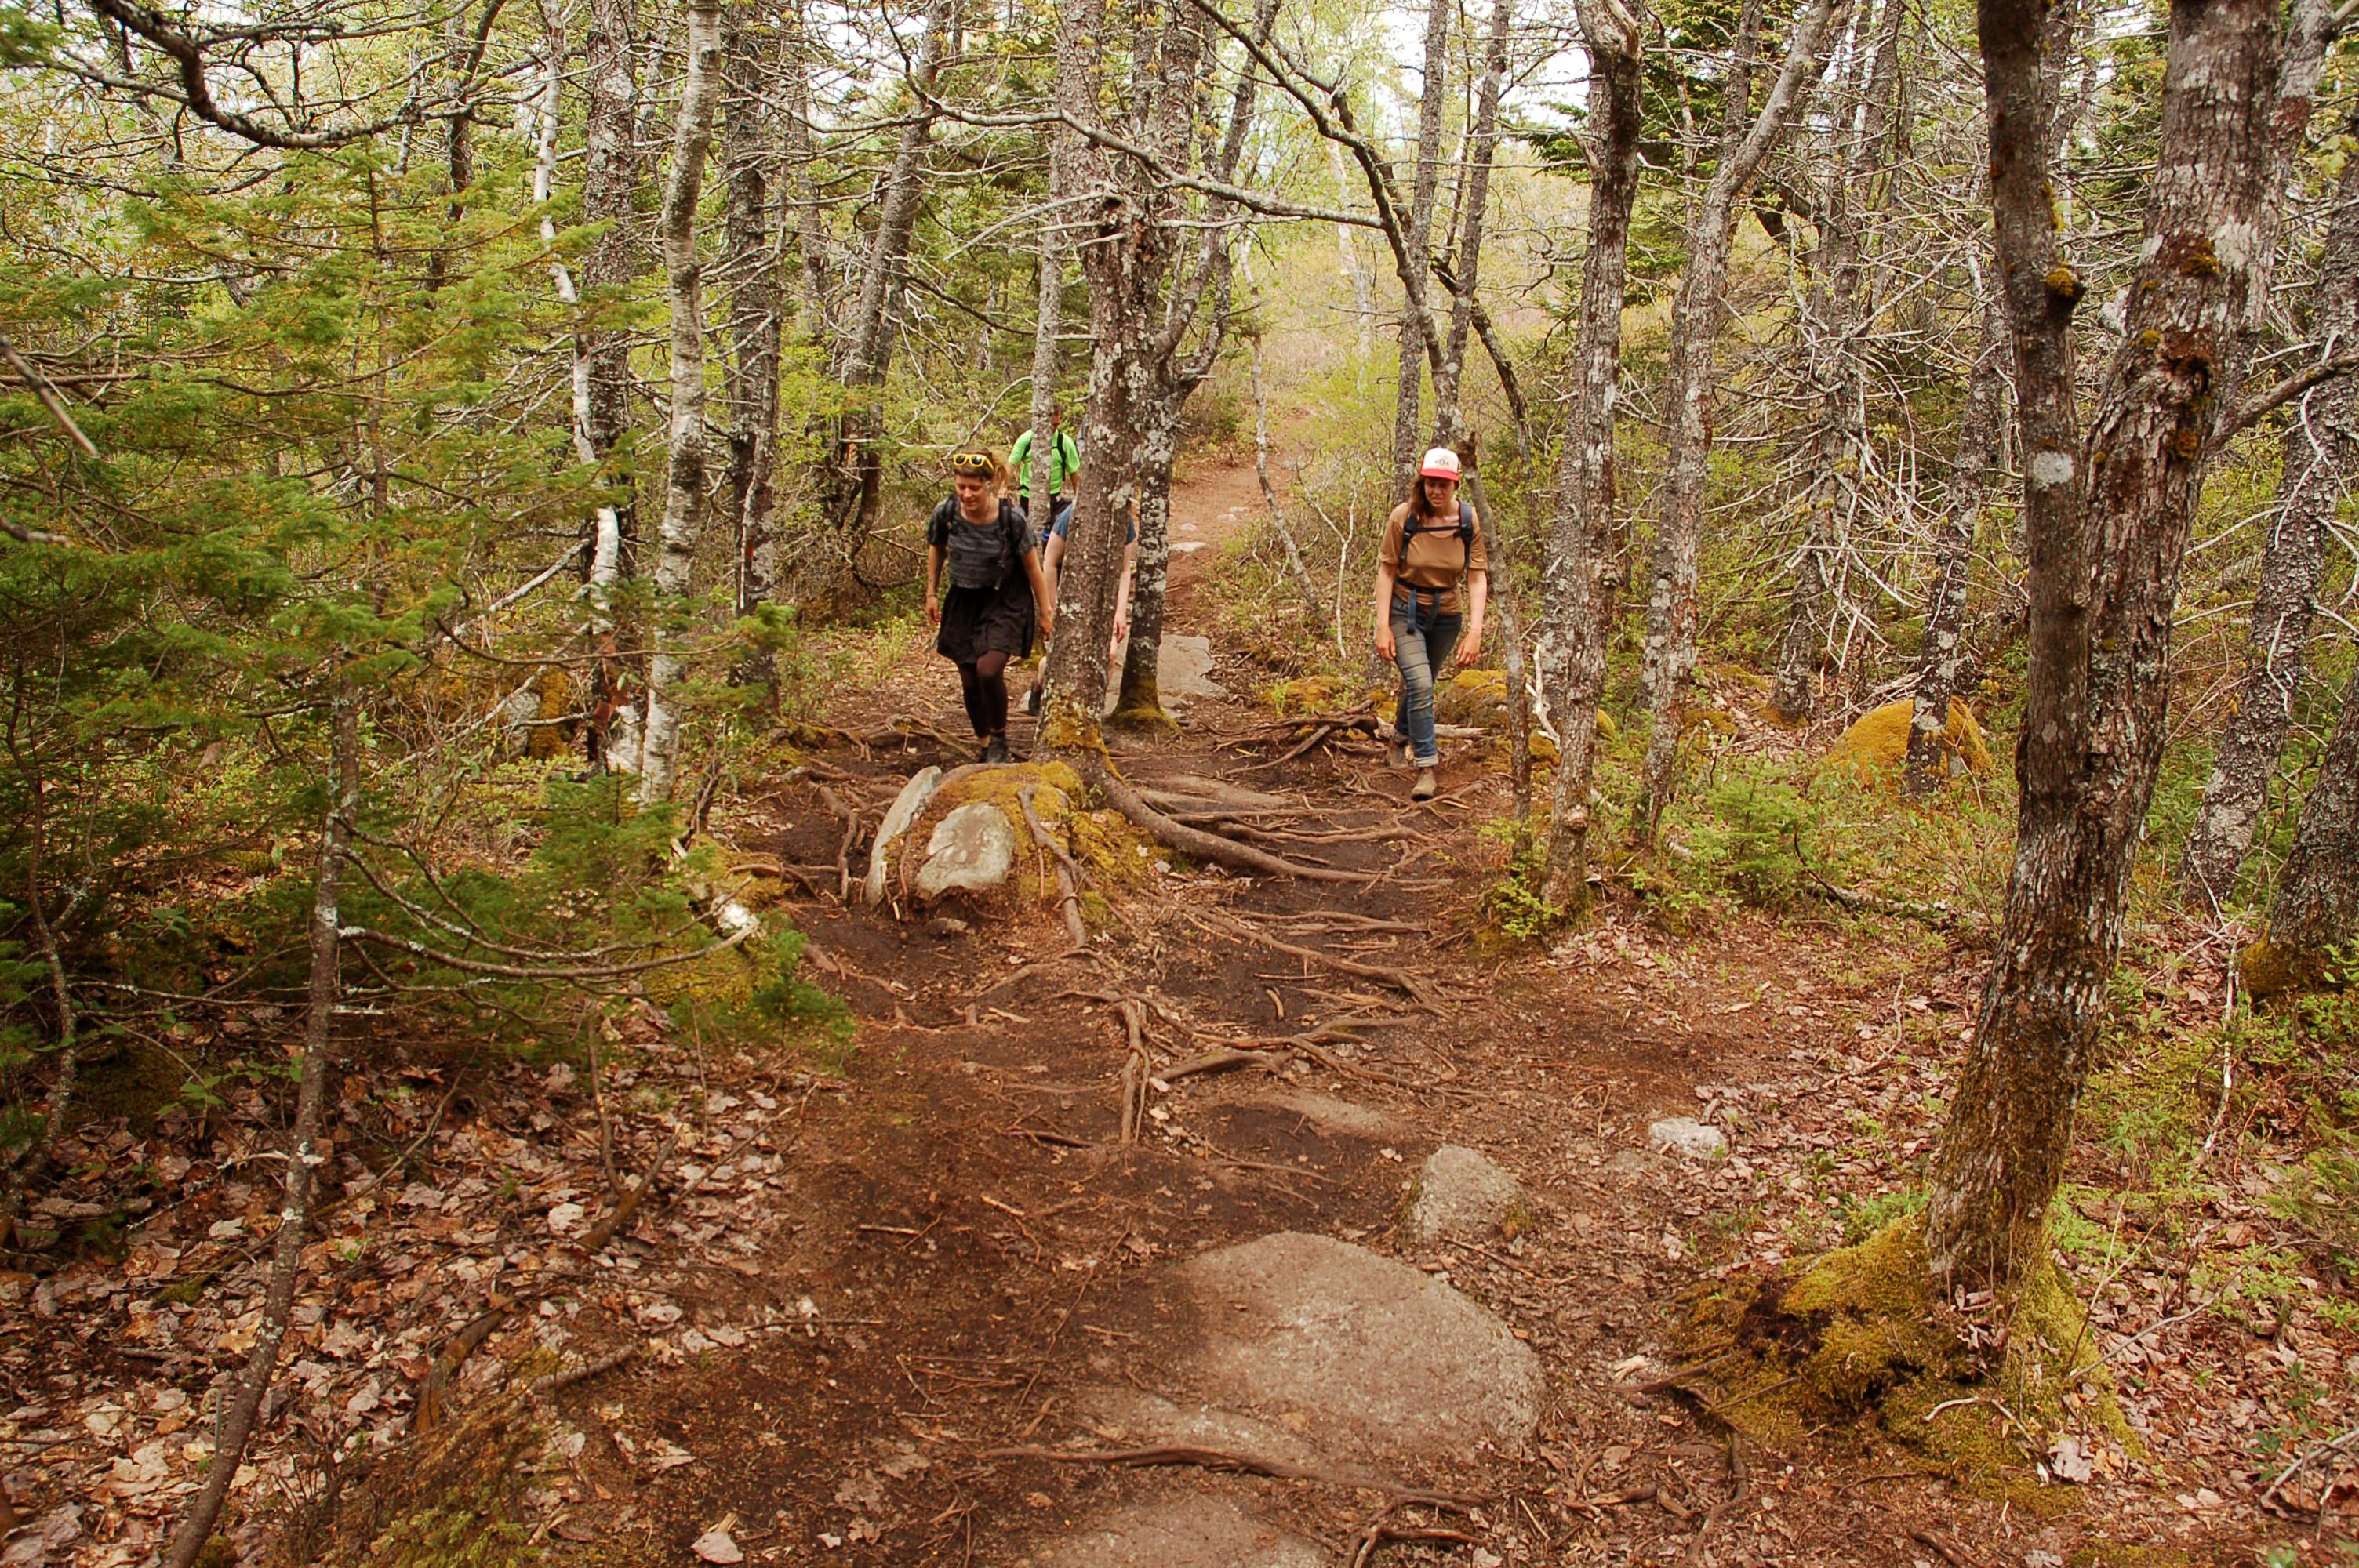 Hike the Greenbelt - Bluff Trail